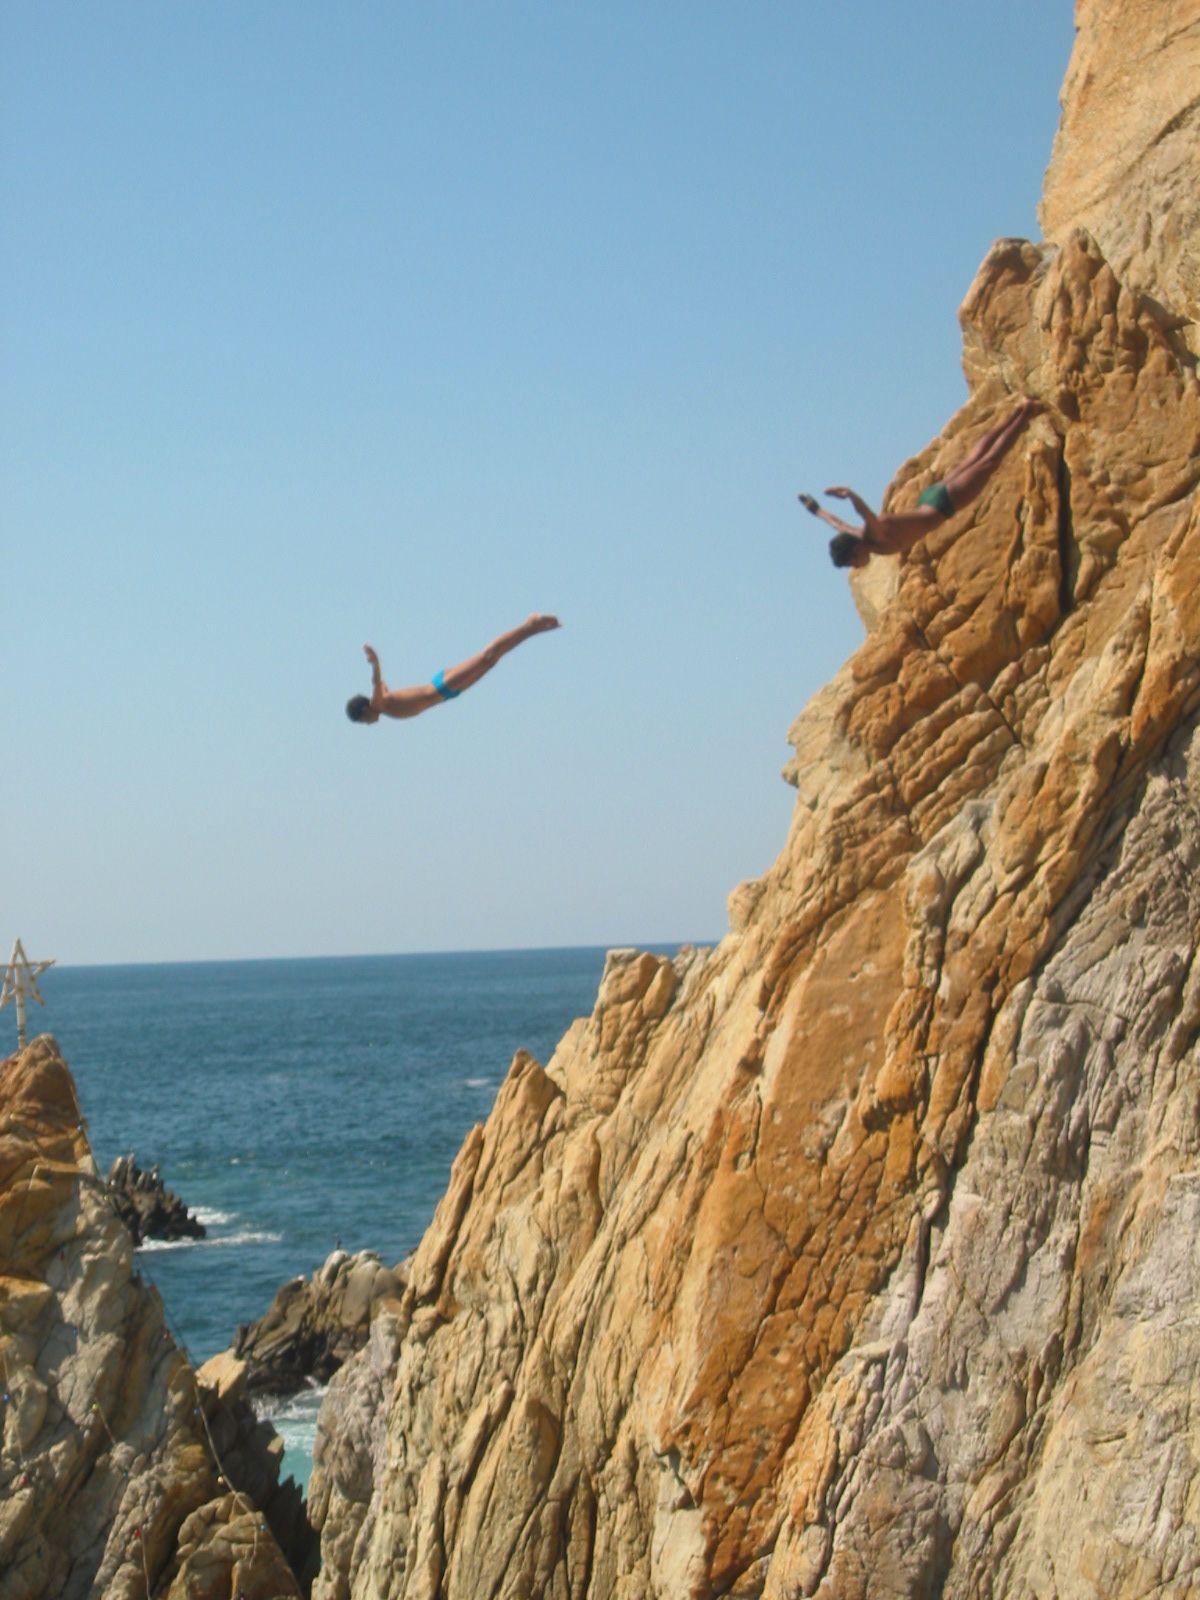 File:Cliffdivers In La Quebrada, Acapulco, Guerrero, Mexico.jpg